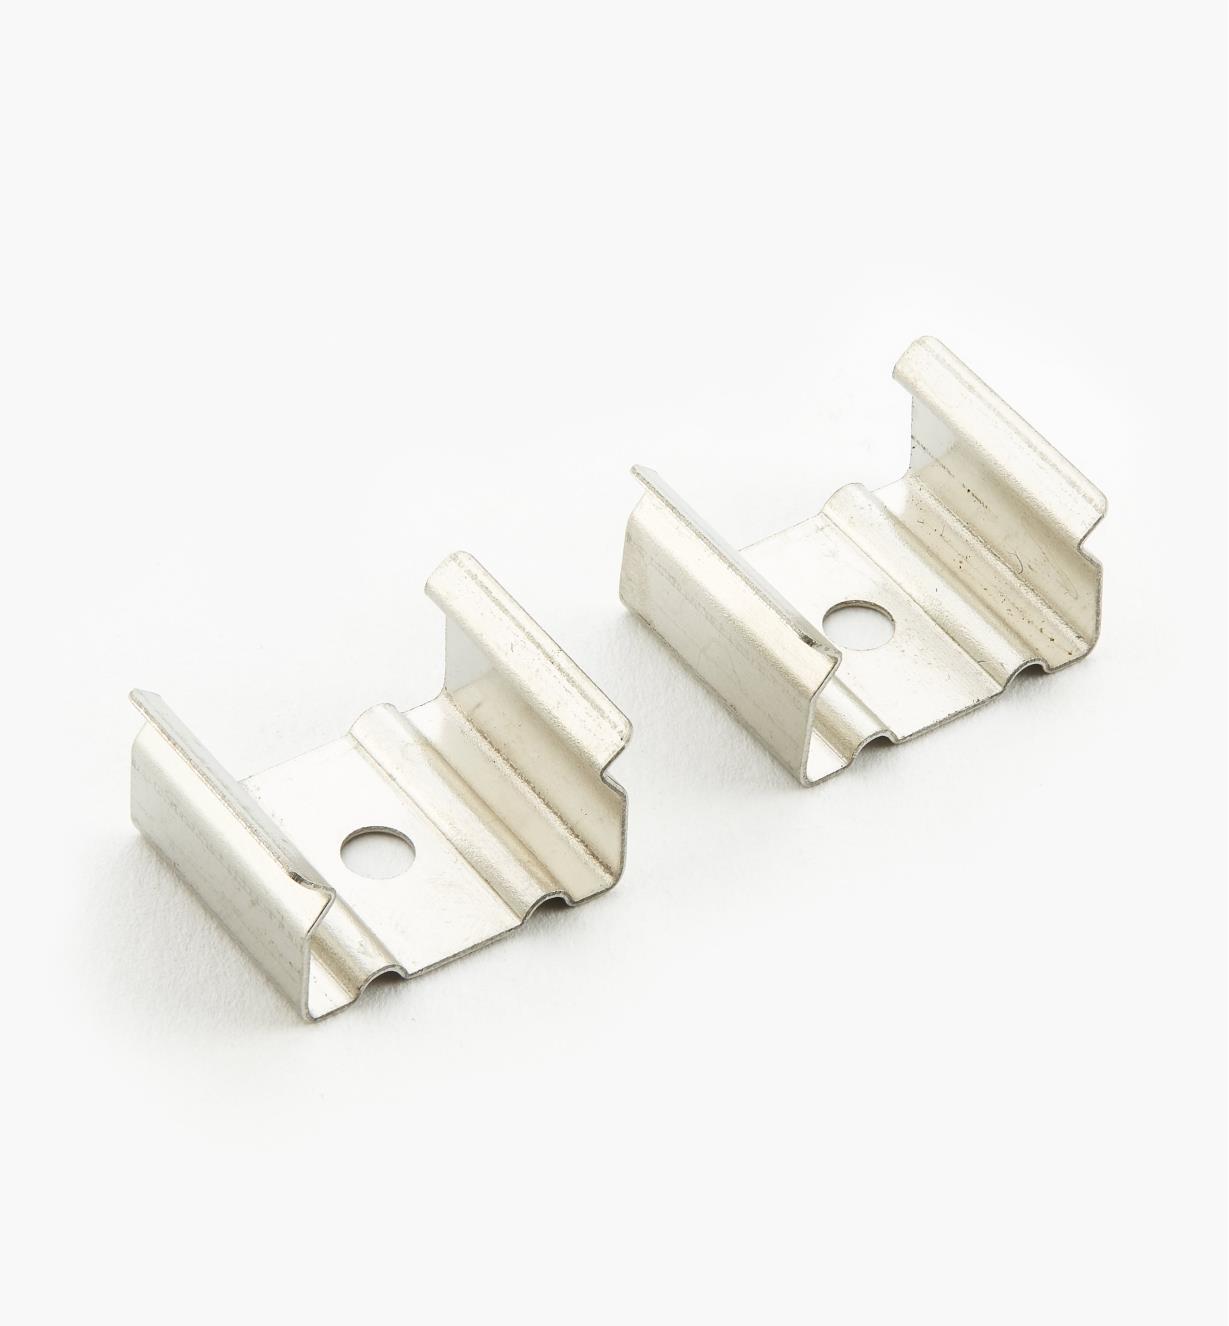 00U4246 - Éléments de fixation pour support à montage en surface et encastrable, lapaire